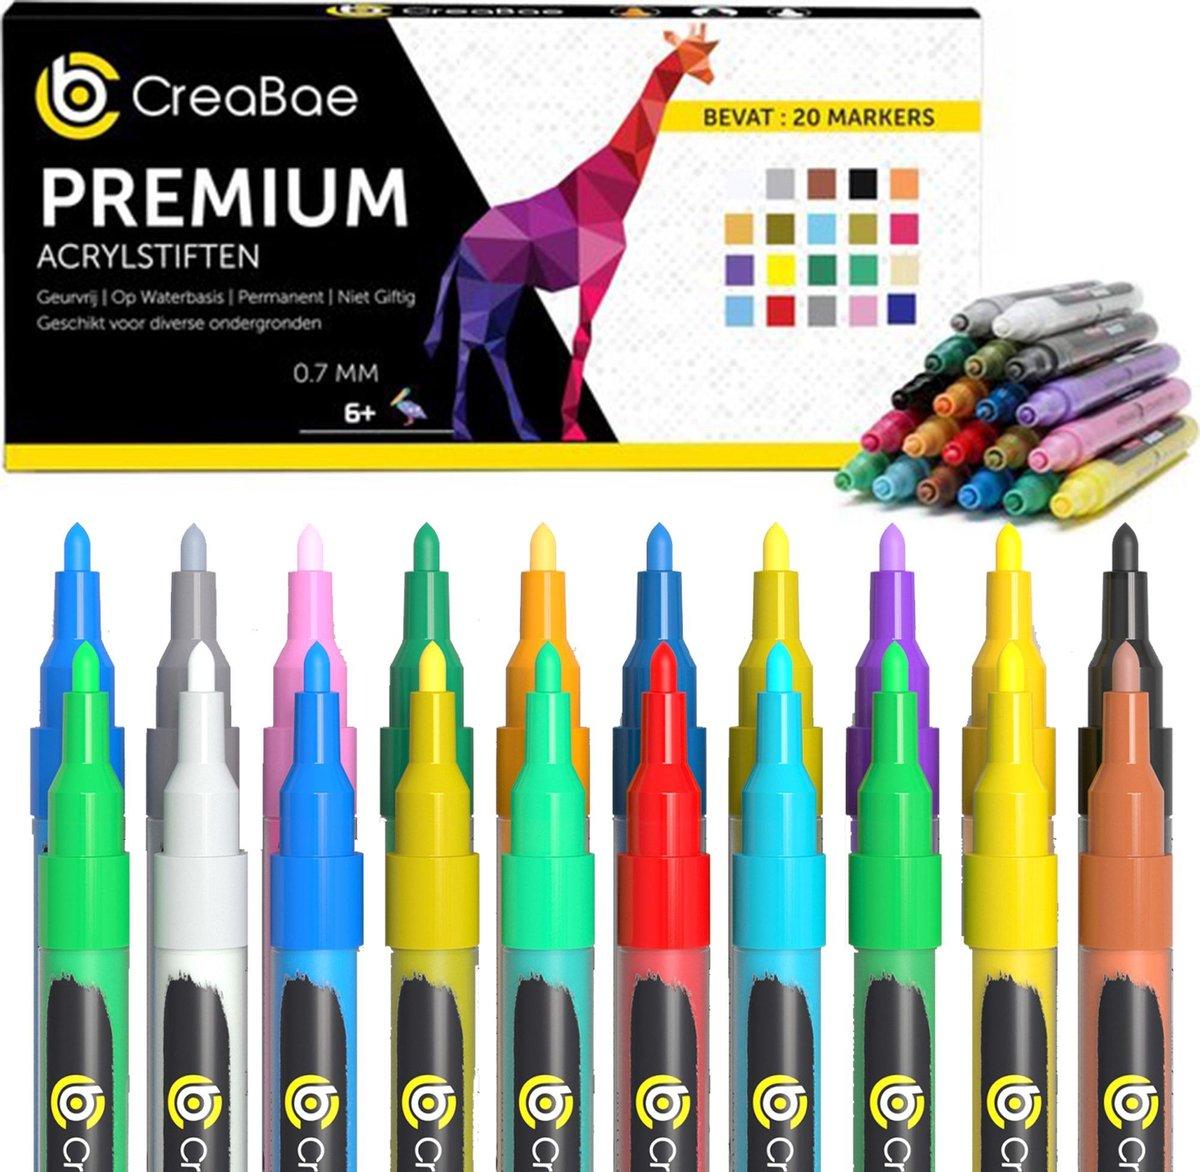 Creabae - Happy Stone Acryl Stiften 0.7 MM -  Premium Acrylstiften Voor Stenen Schilderen - 20 Kleuren - Tekenset - Happy Sto...